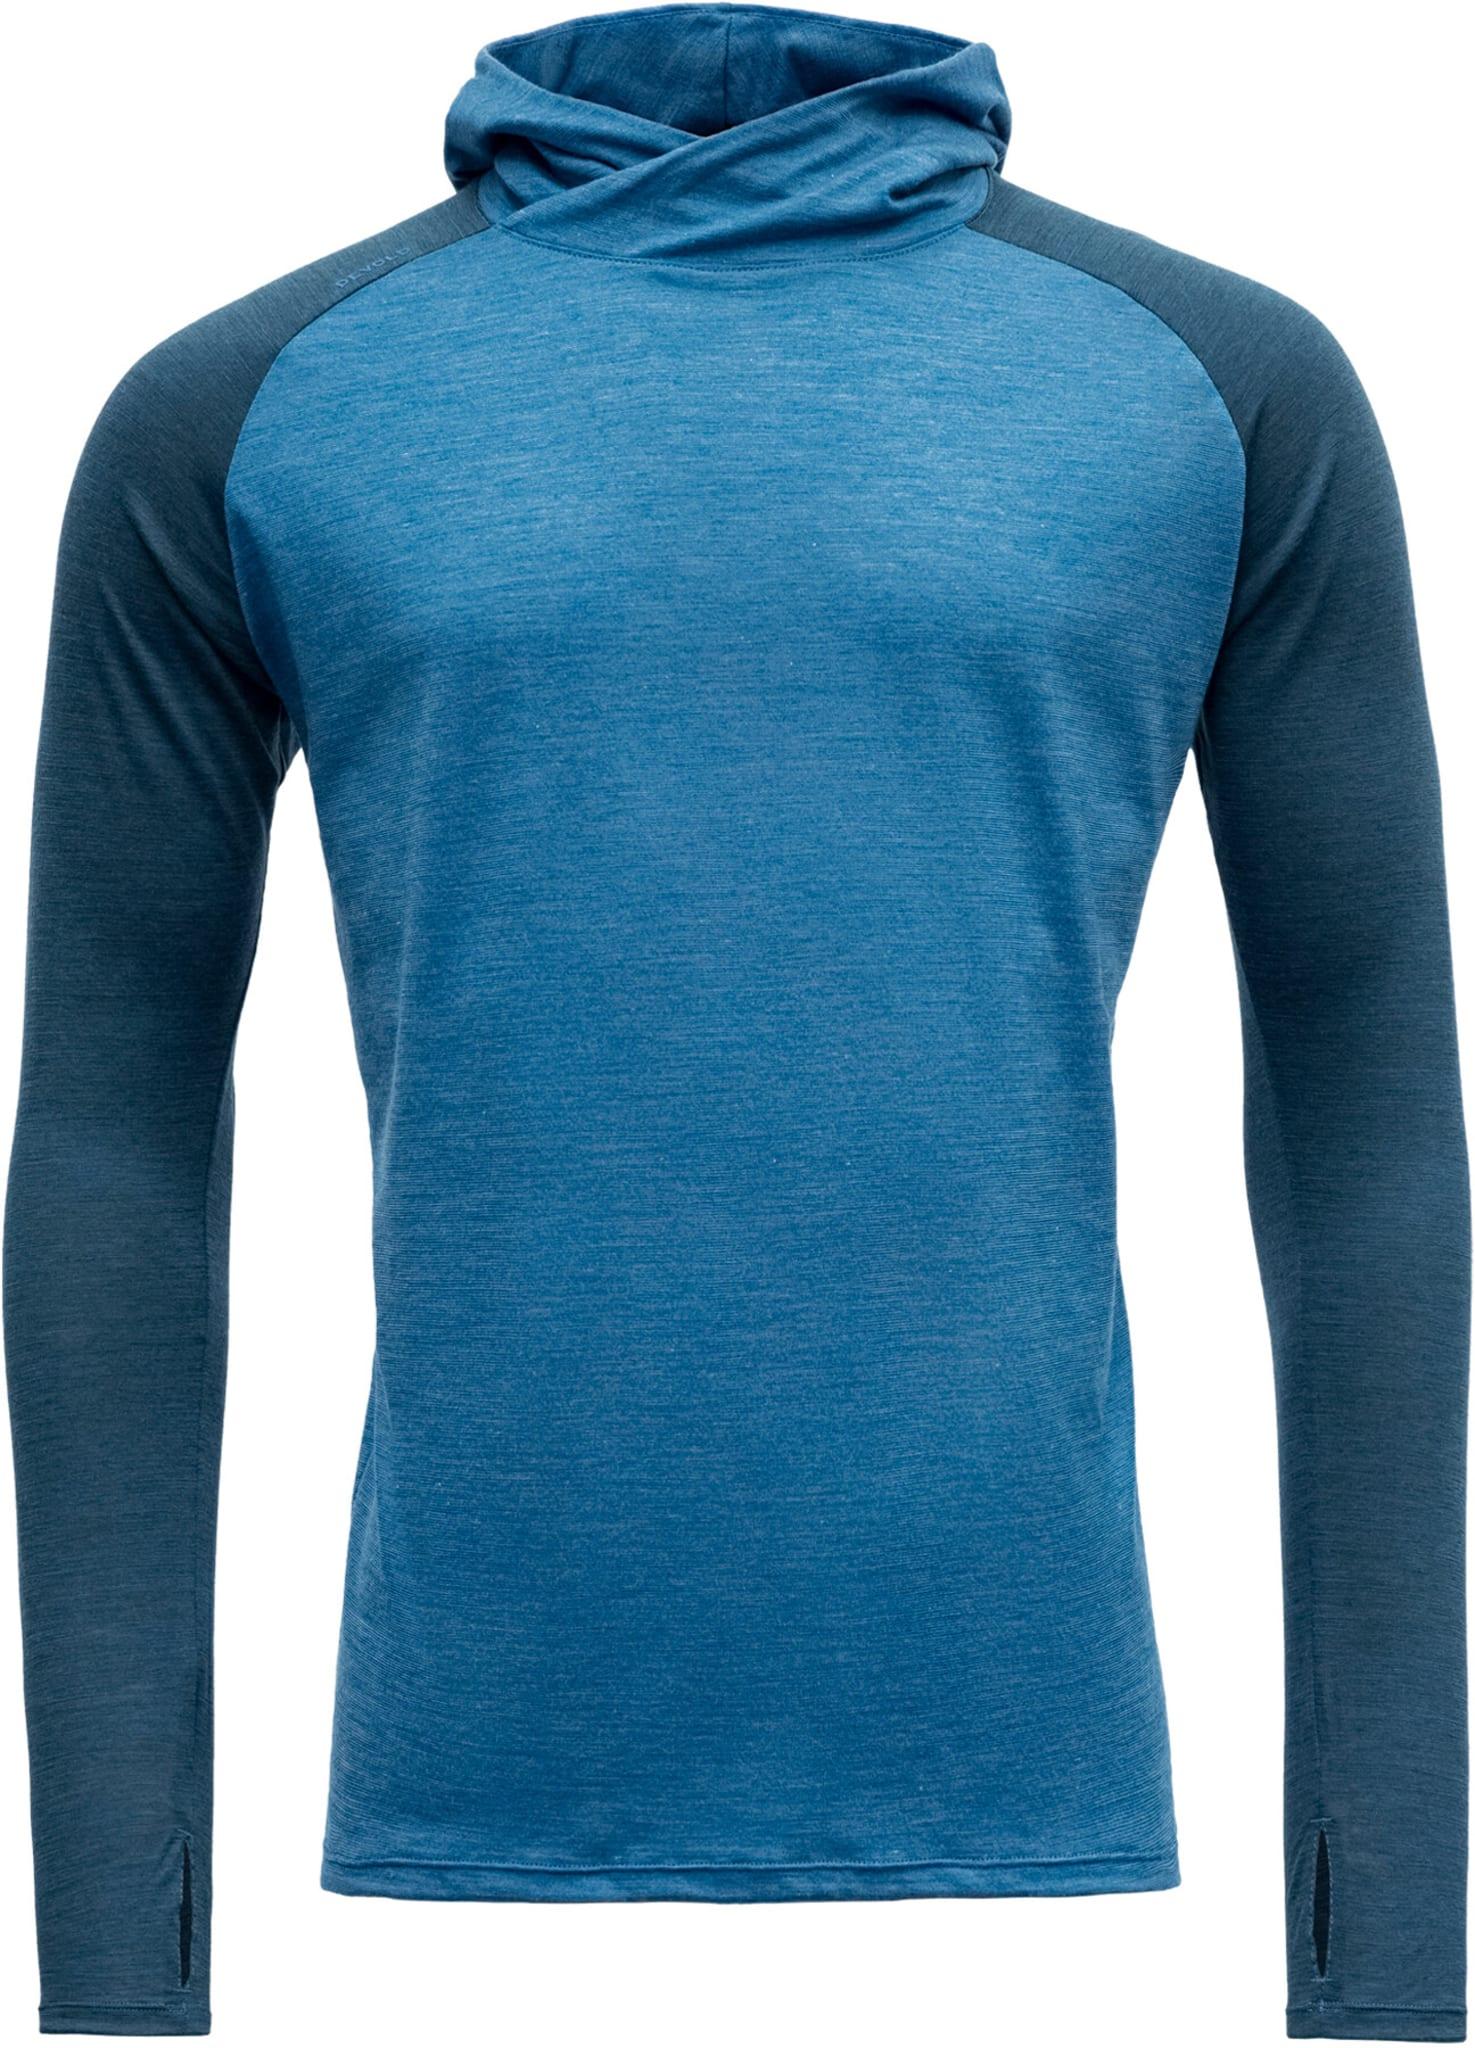 Tynn og lett hoodie i merinoull til hverdags og trening